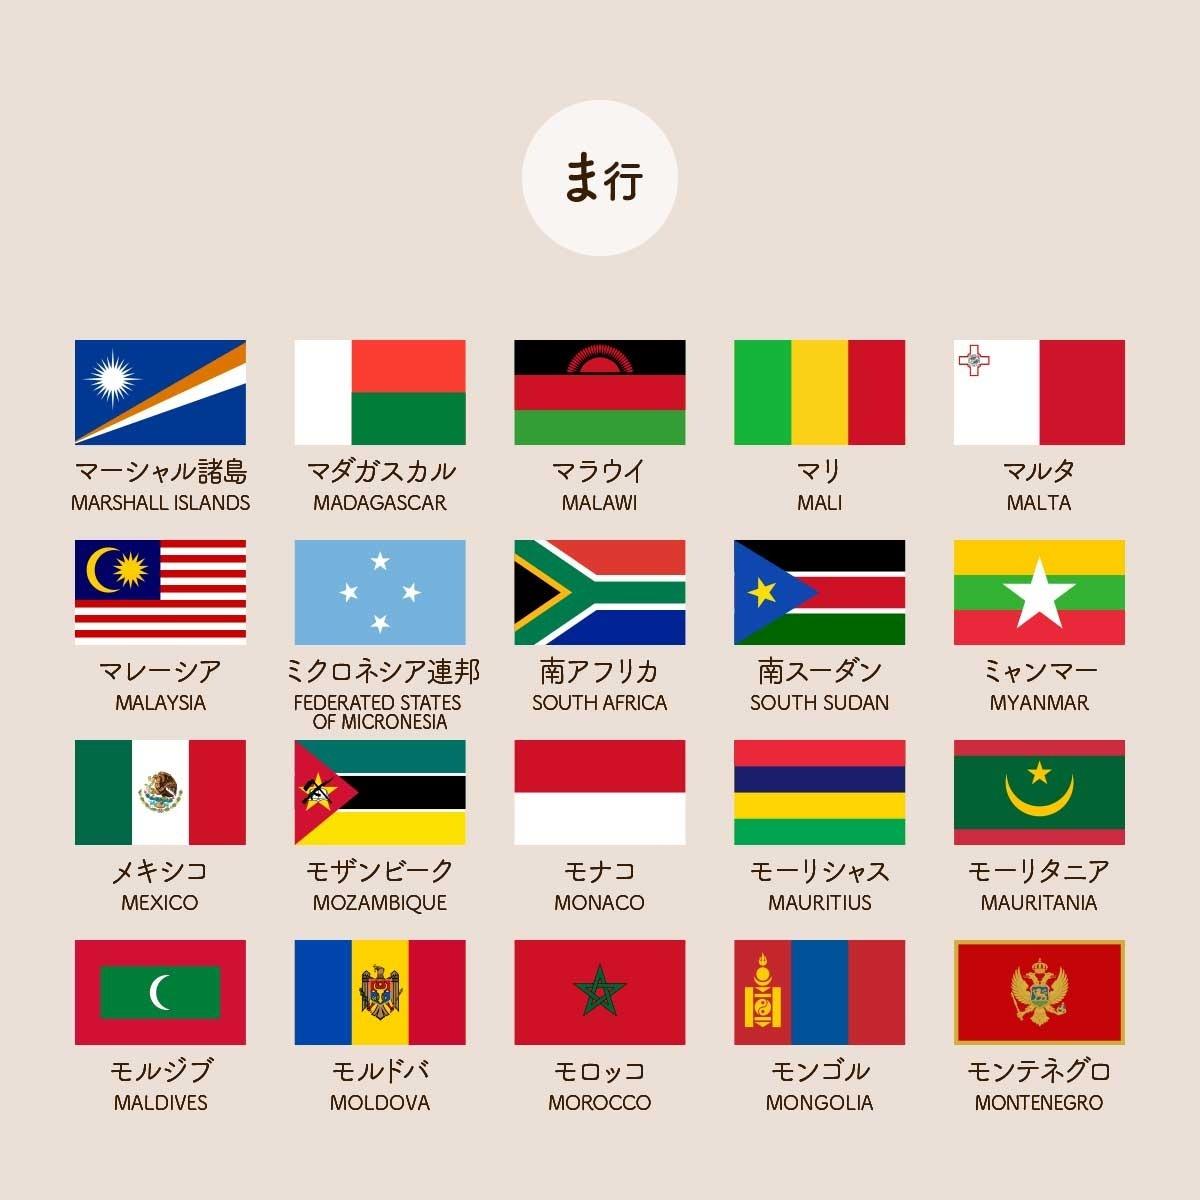 ま行の国旗一覧 / マーシャル諸島 MARSHALL ISLANDS / マダガスカル MADAGASCAR / マラウイ MALAWI / マリ MALI / マルタ MALTA / マレーシア MALAYSIA / ミクロネシア連邦 FEDERATED STATES OF MICRONESIA / 南アフリカ SOUTH AFRICA / 南スーダン SOUTH SUDAN / ミャンマー MYANMAR / メキシコ MEXICO / モザンビーク MOZAMBIQUE / モナコ MONACO /